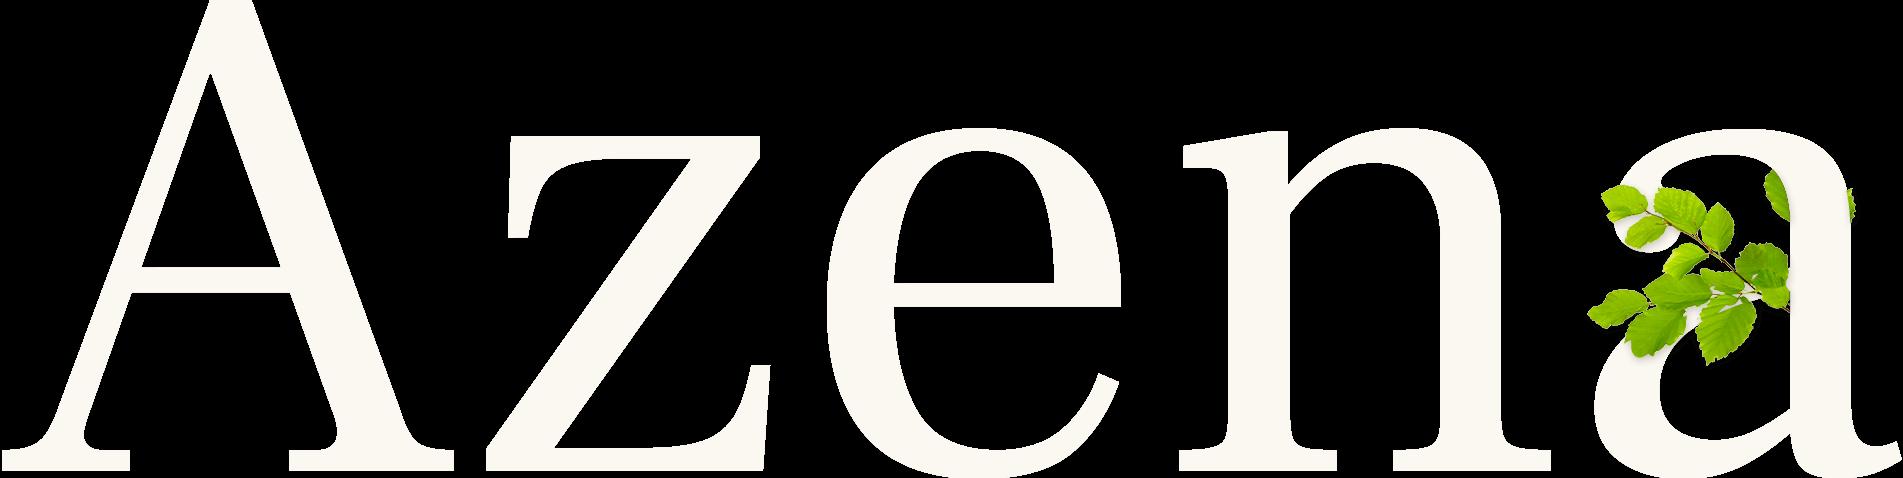 azena-natural-cosmetics